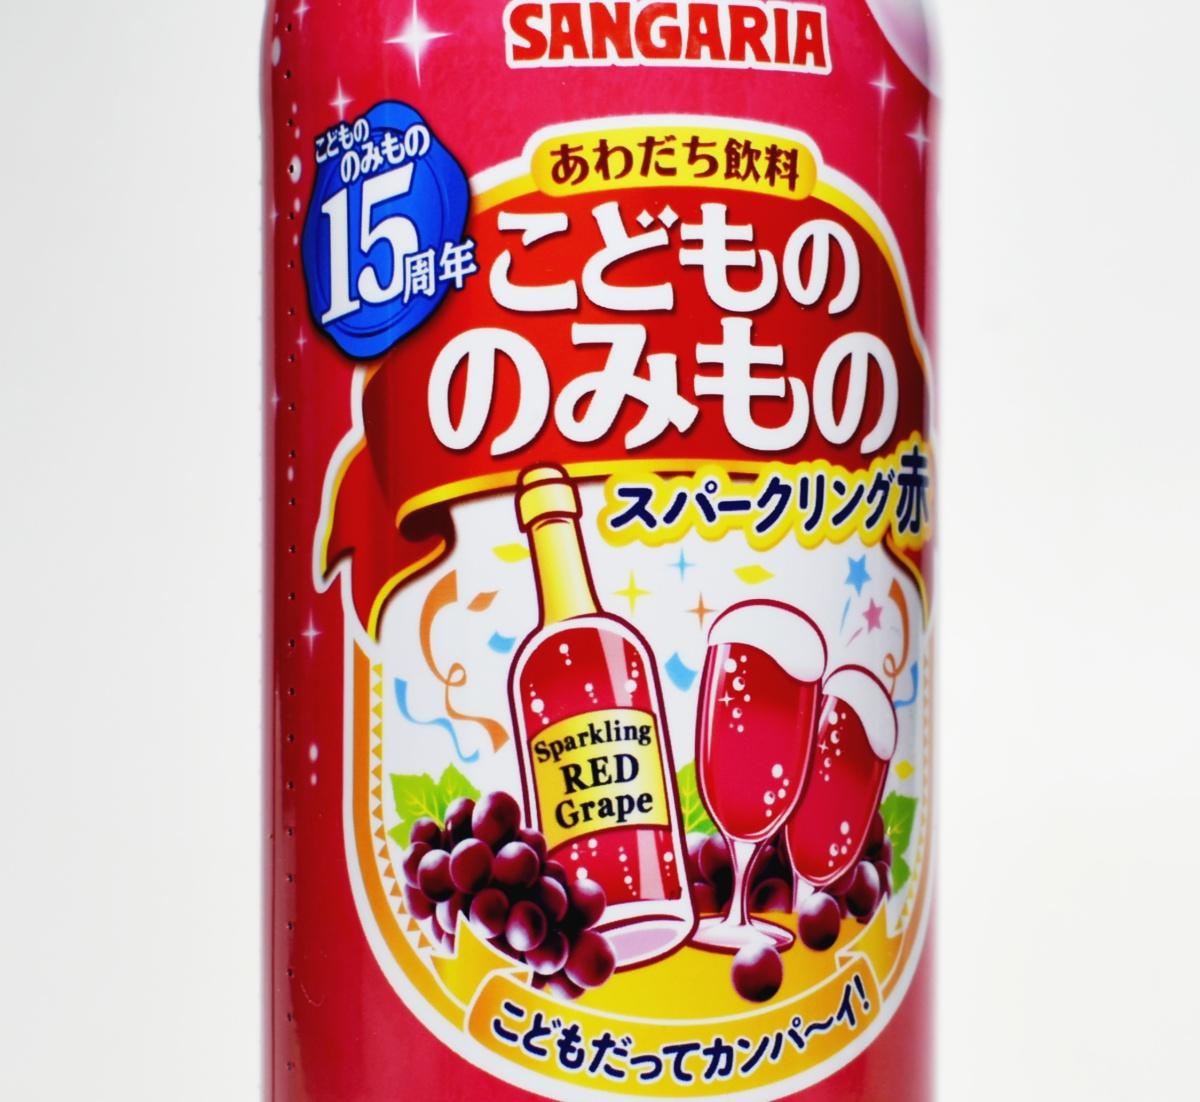 サンガリア,こどもののみもの,スパークリング赤